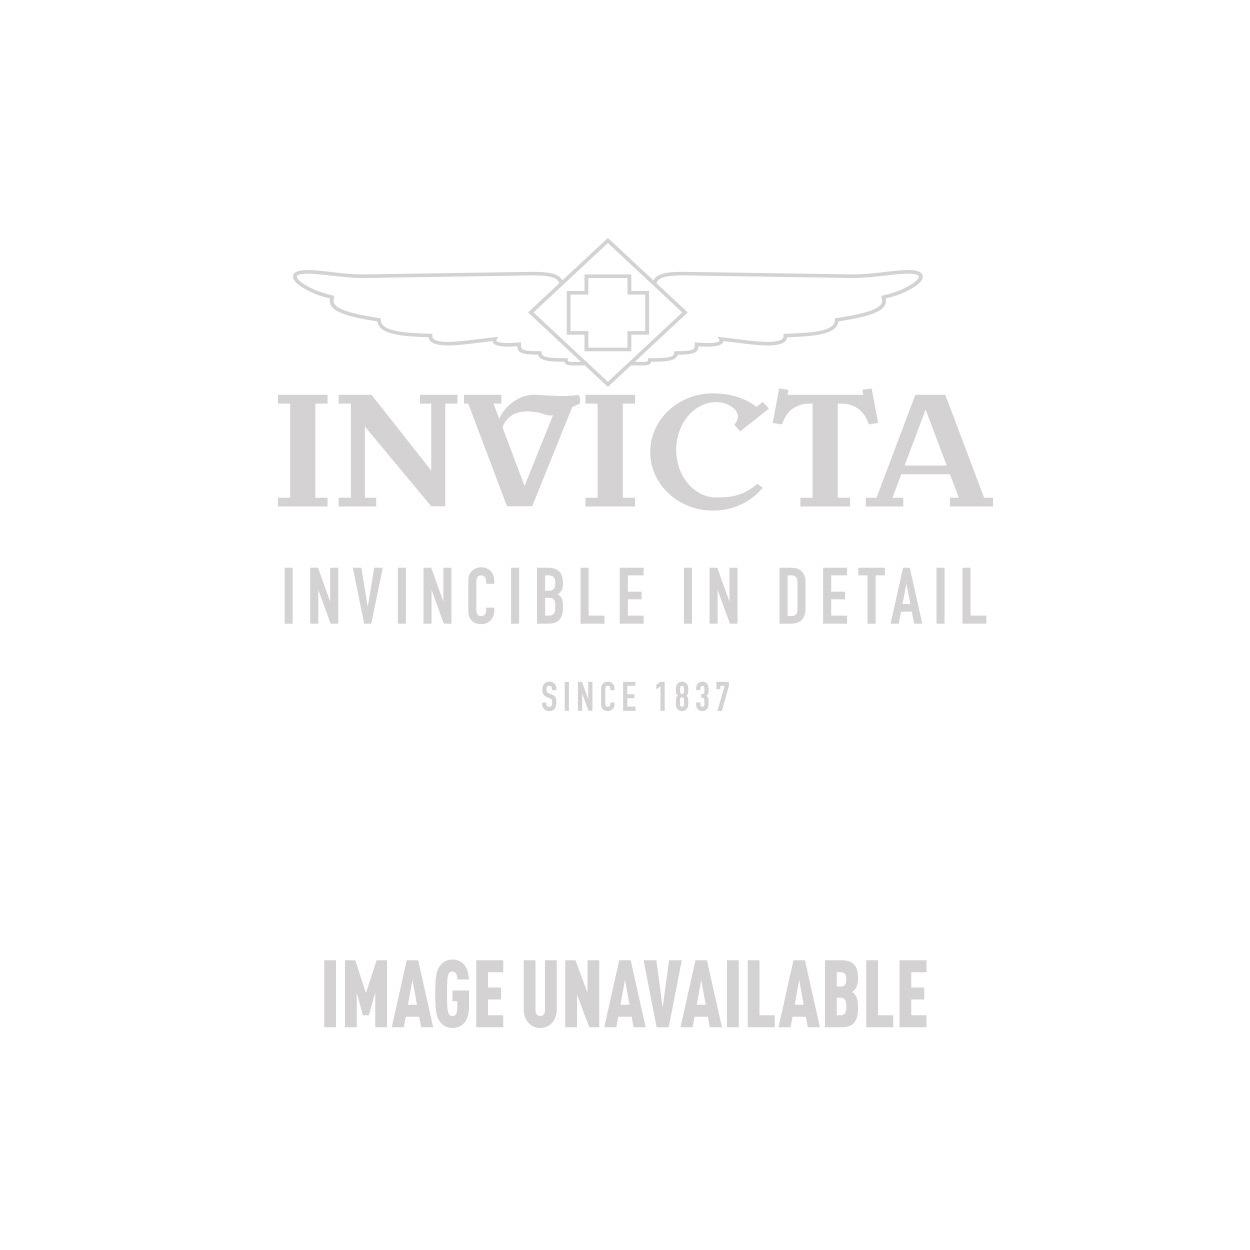 Invicta Model 24970